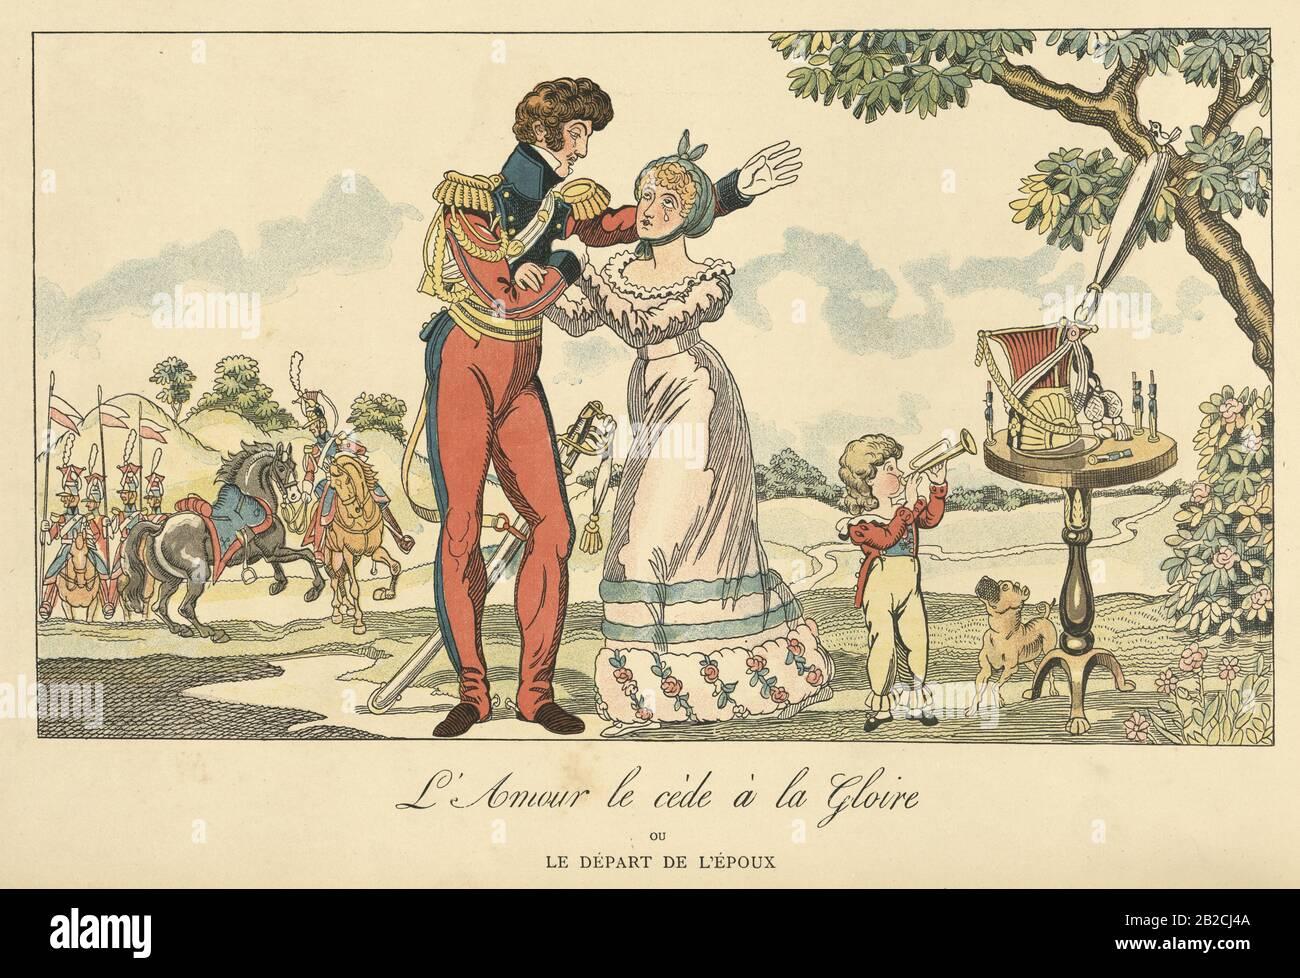 Napoleonic Wars, Husband leaving his family to go off the war. l'amour le cède à la gloire où le départ de l'epoux (love yields to glory where the departure of the husband) Stock Photo